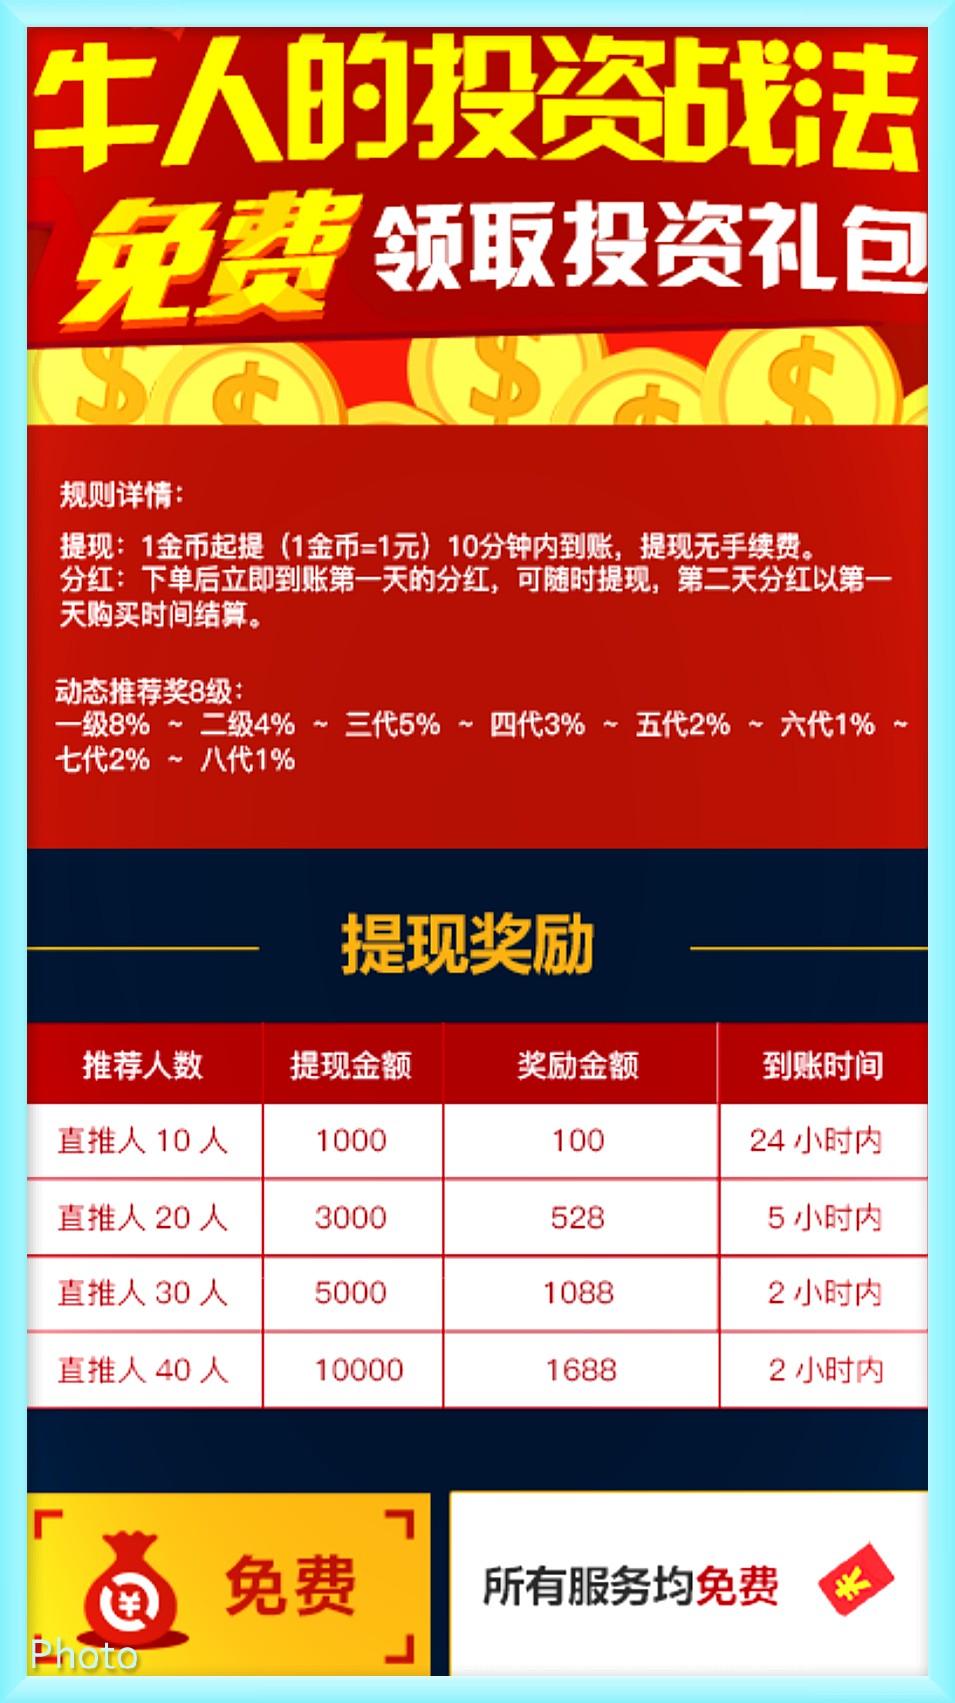 图片[3]-【蜜蜂币】预热锁粉阶段,提前推广布局,欢乐翻倍!-首码社